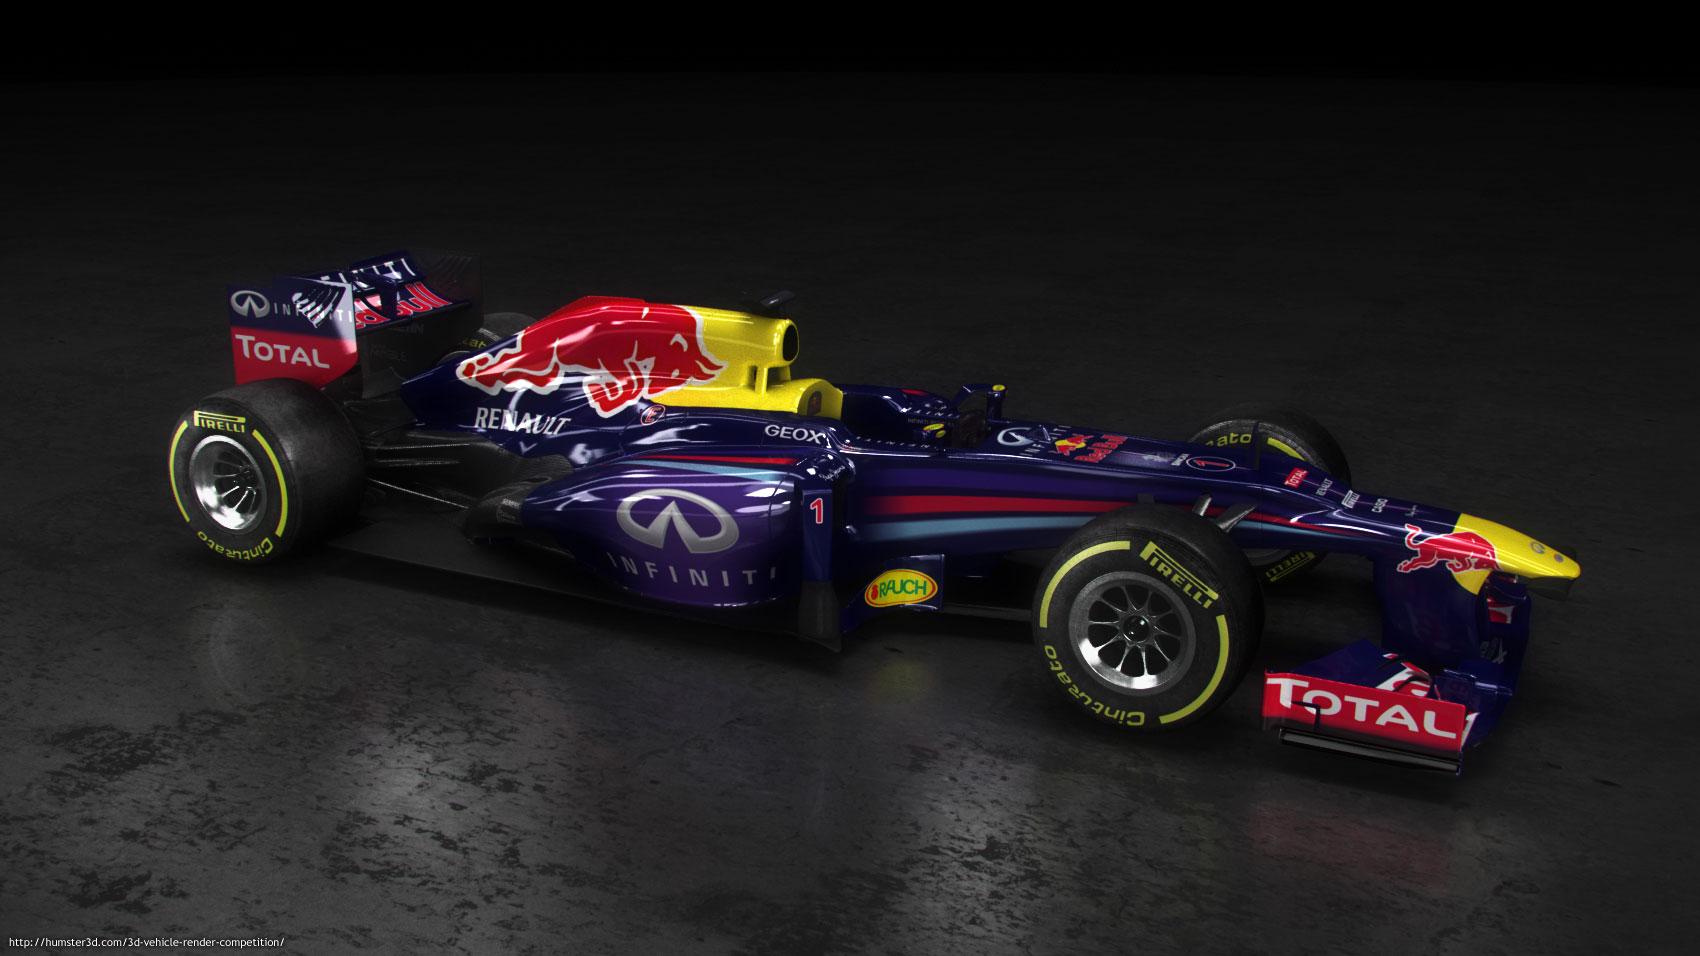 F1 Red Bull RB9 3d art